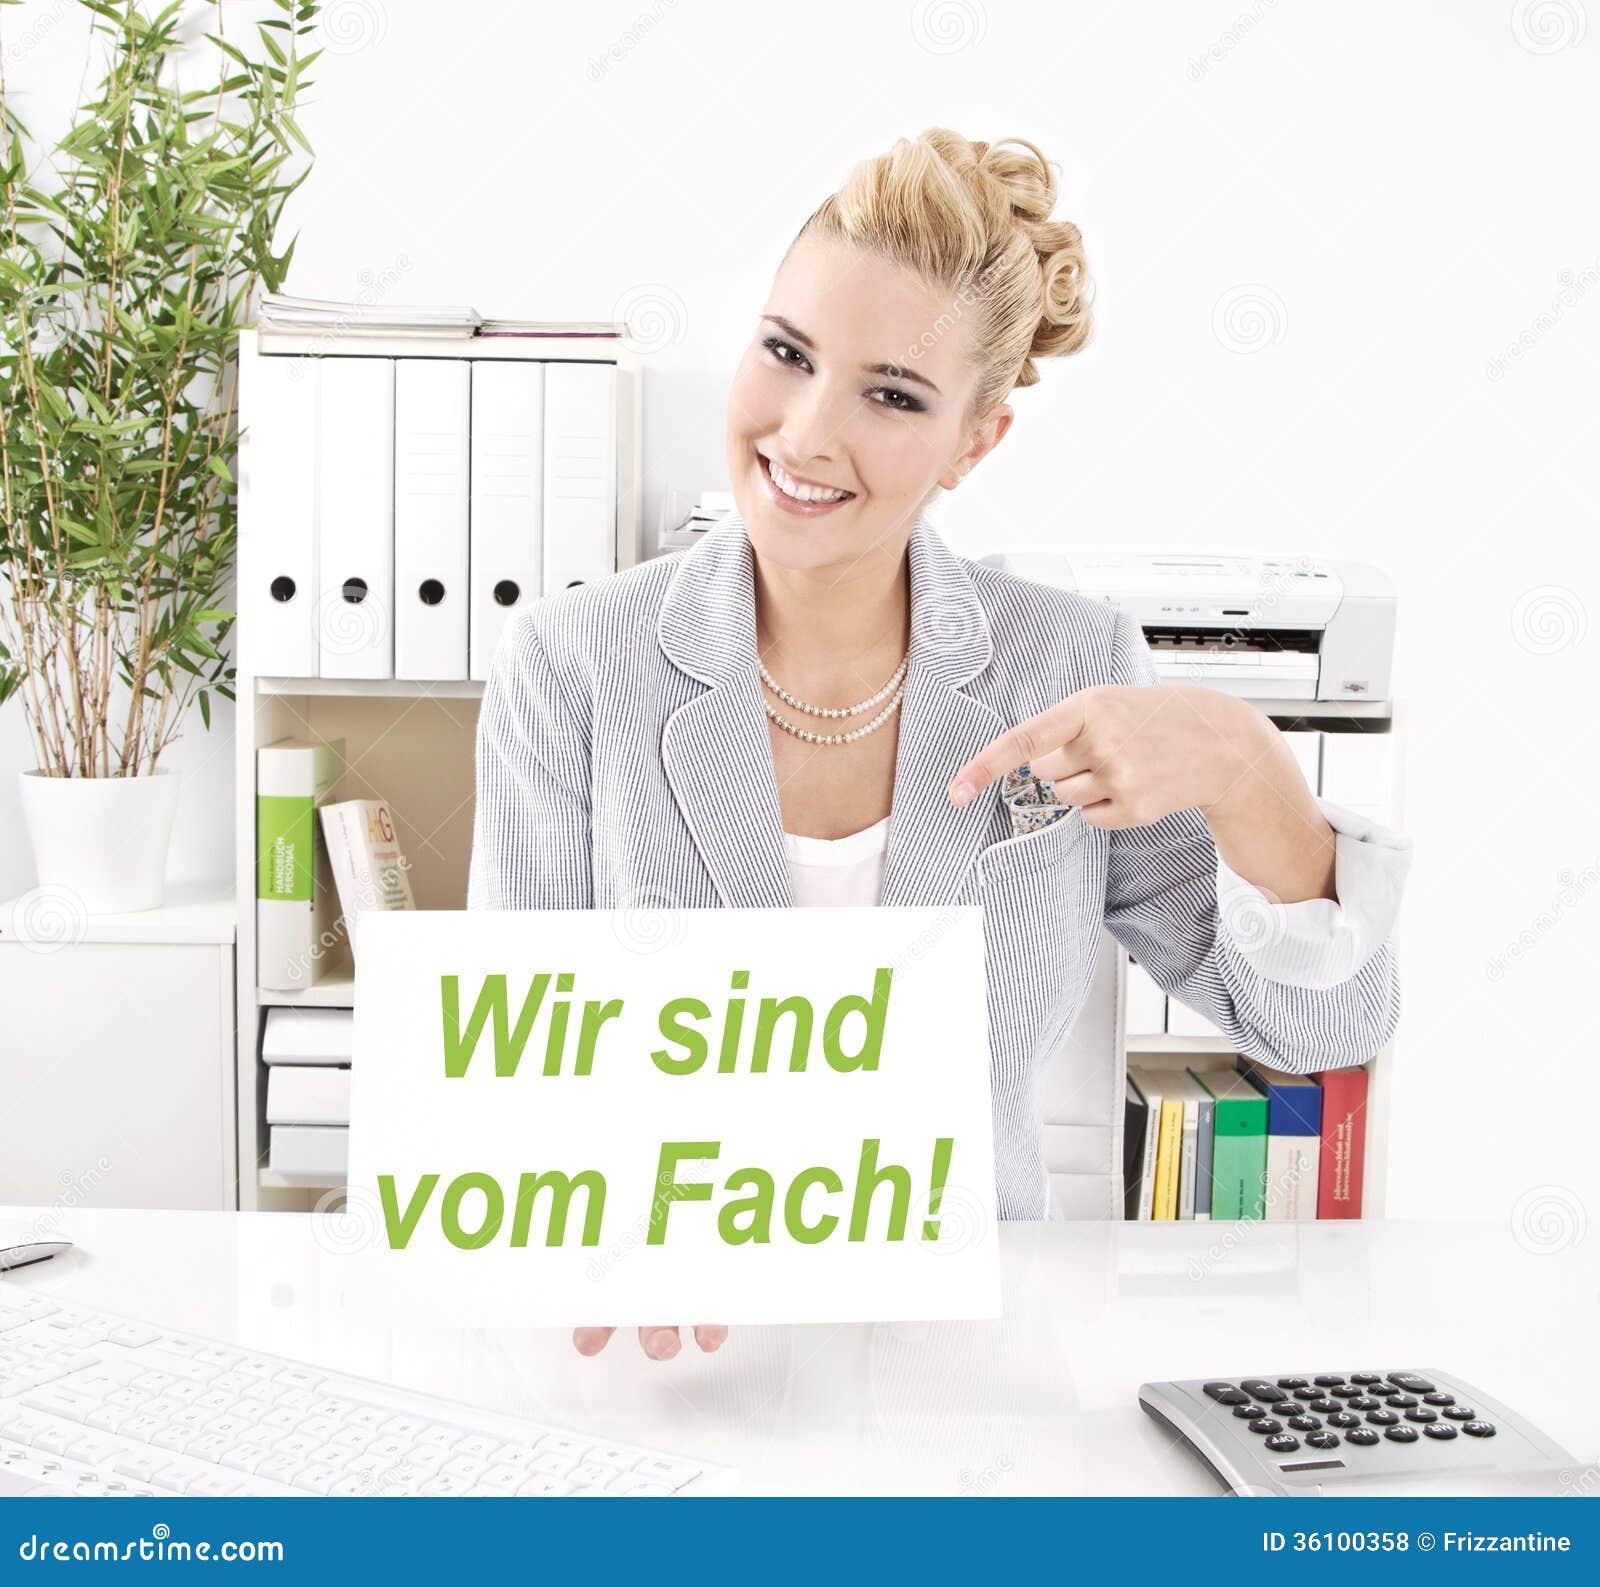 Frau macht Werbung im Büro stockfoto. Bild von ausbildung - 36100358